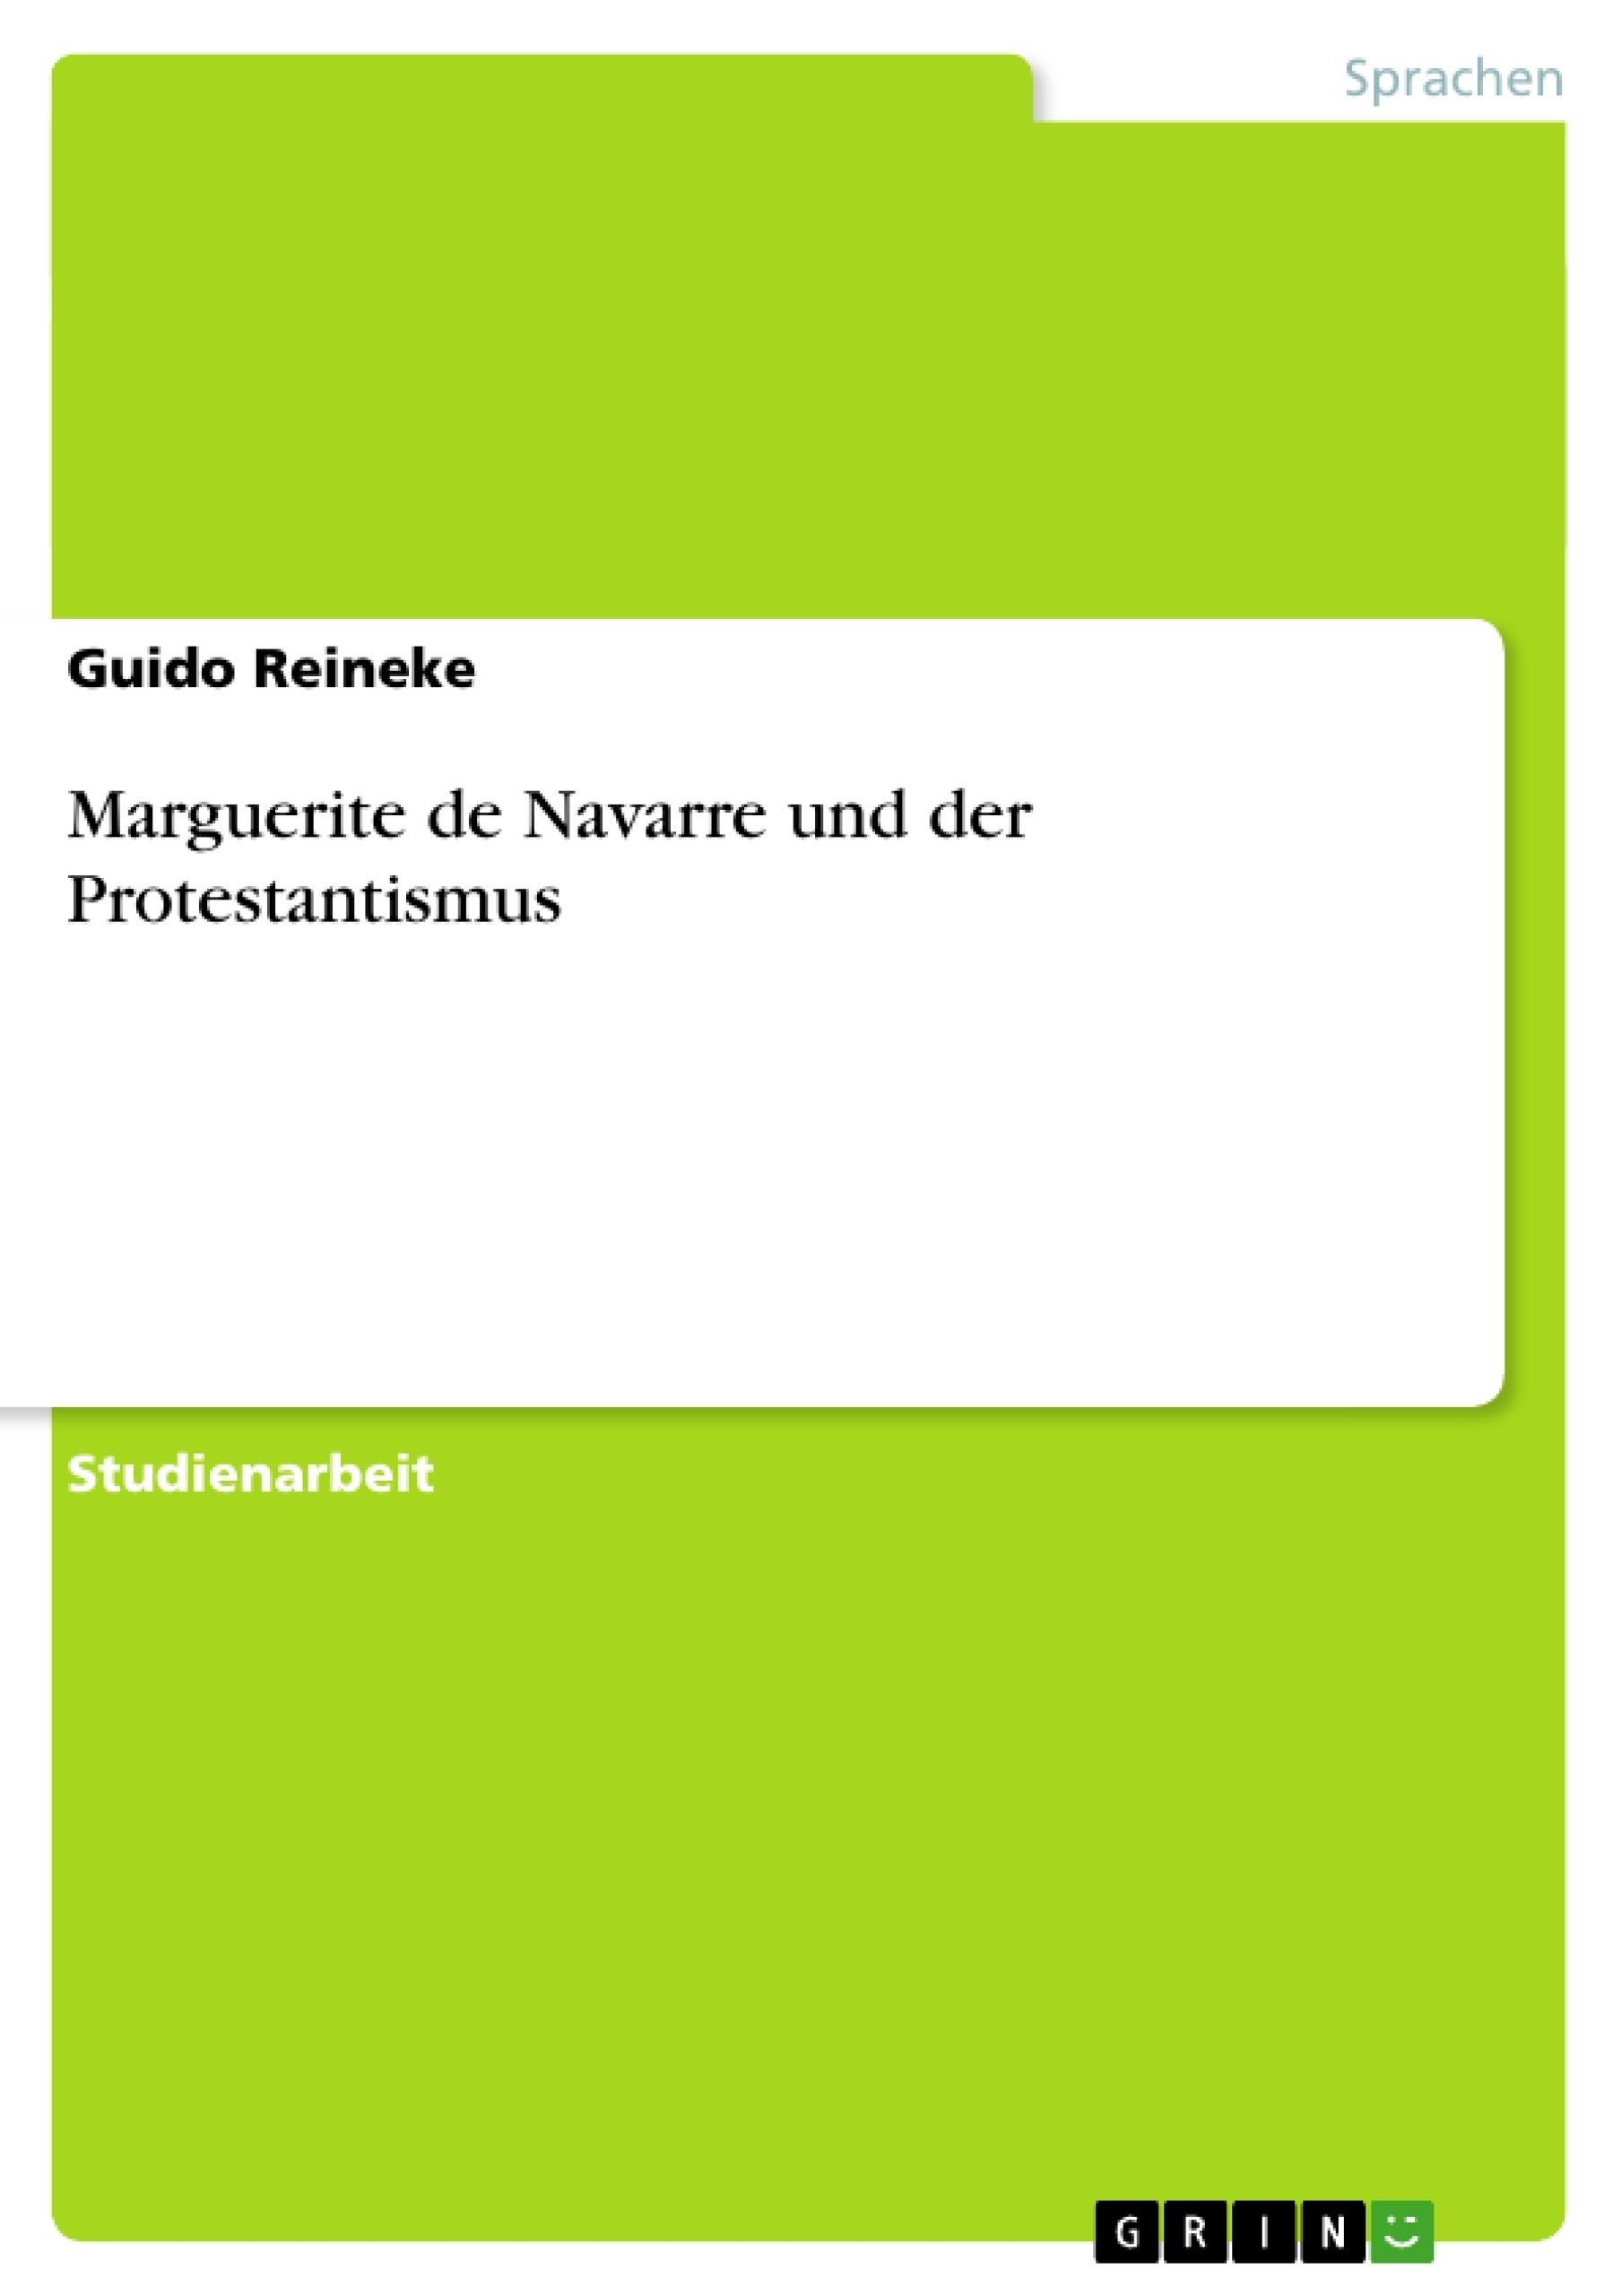 Titel: Marguerite de Navarre und der Protestantismus